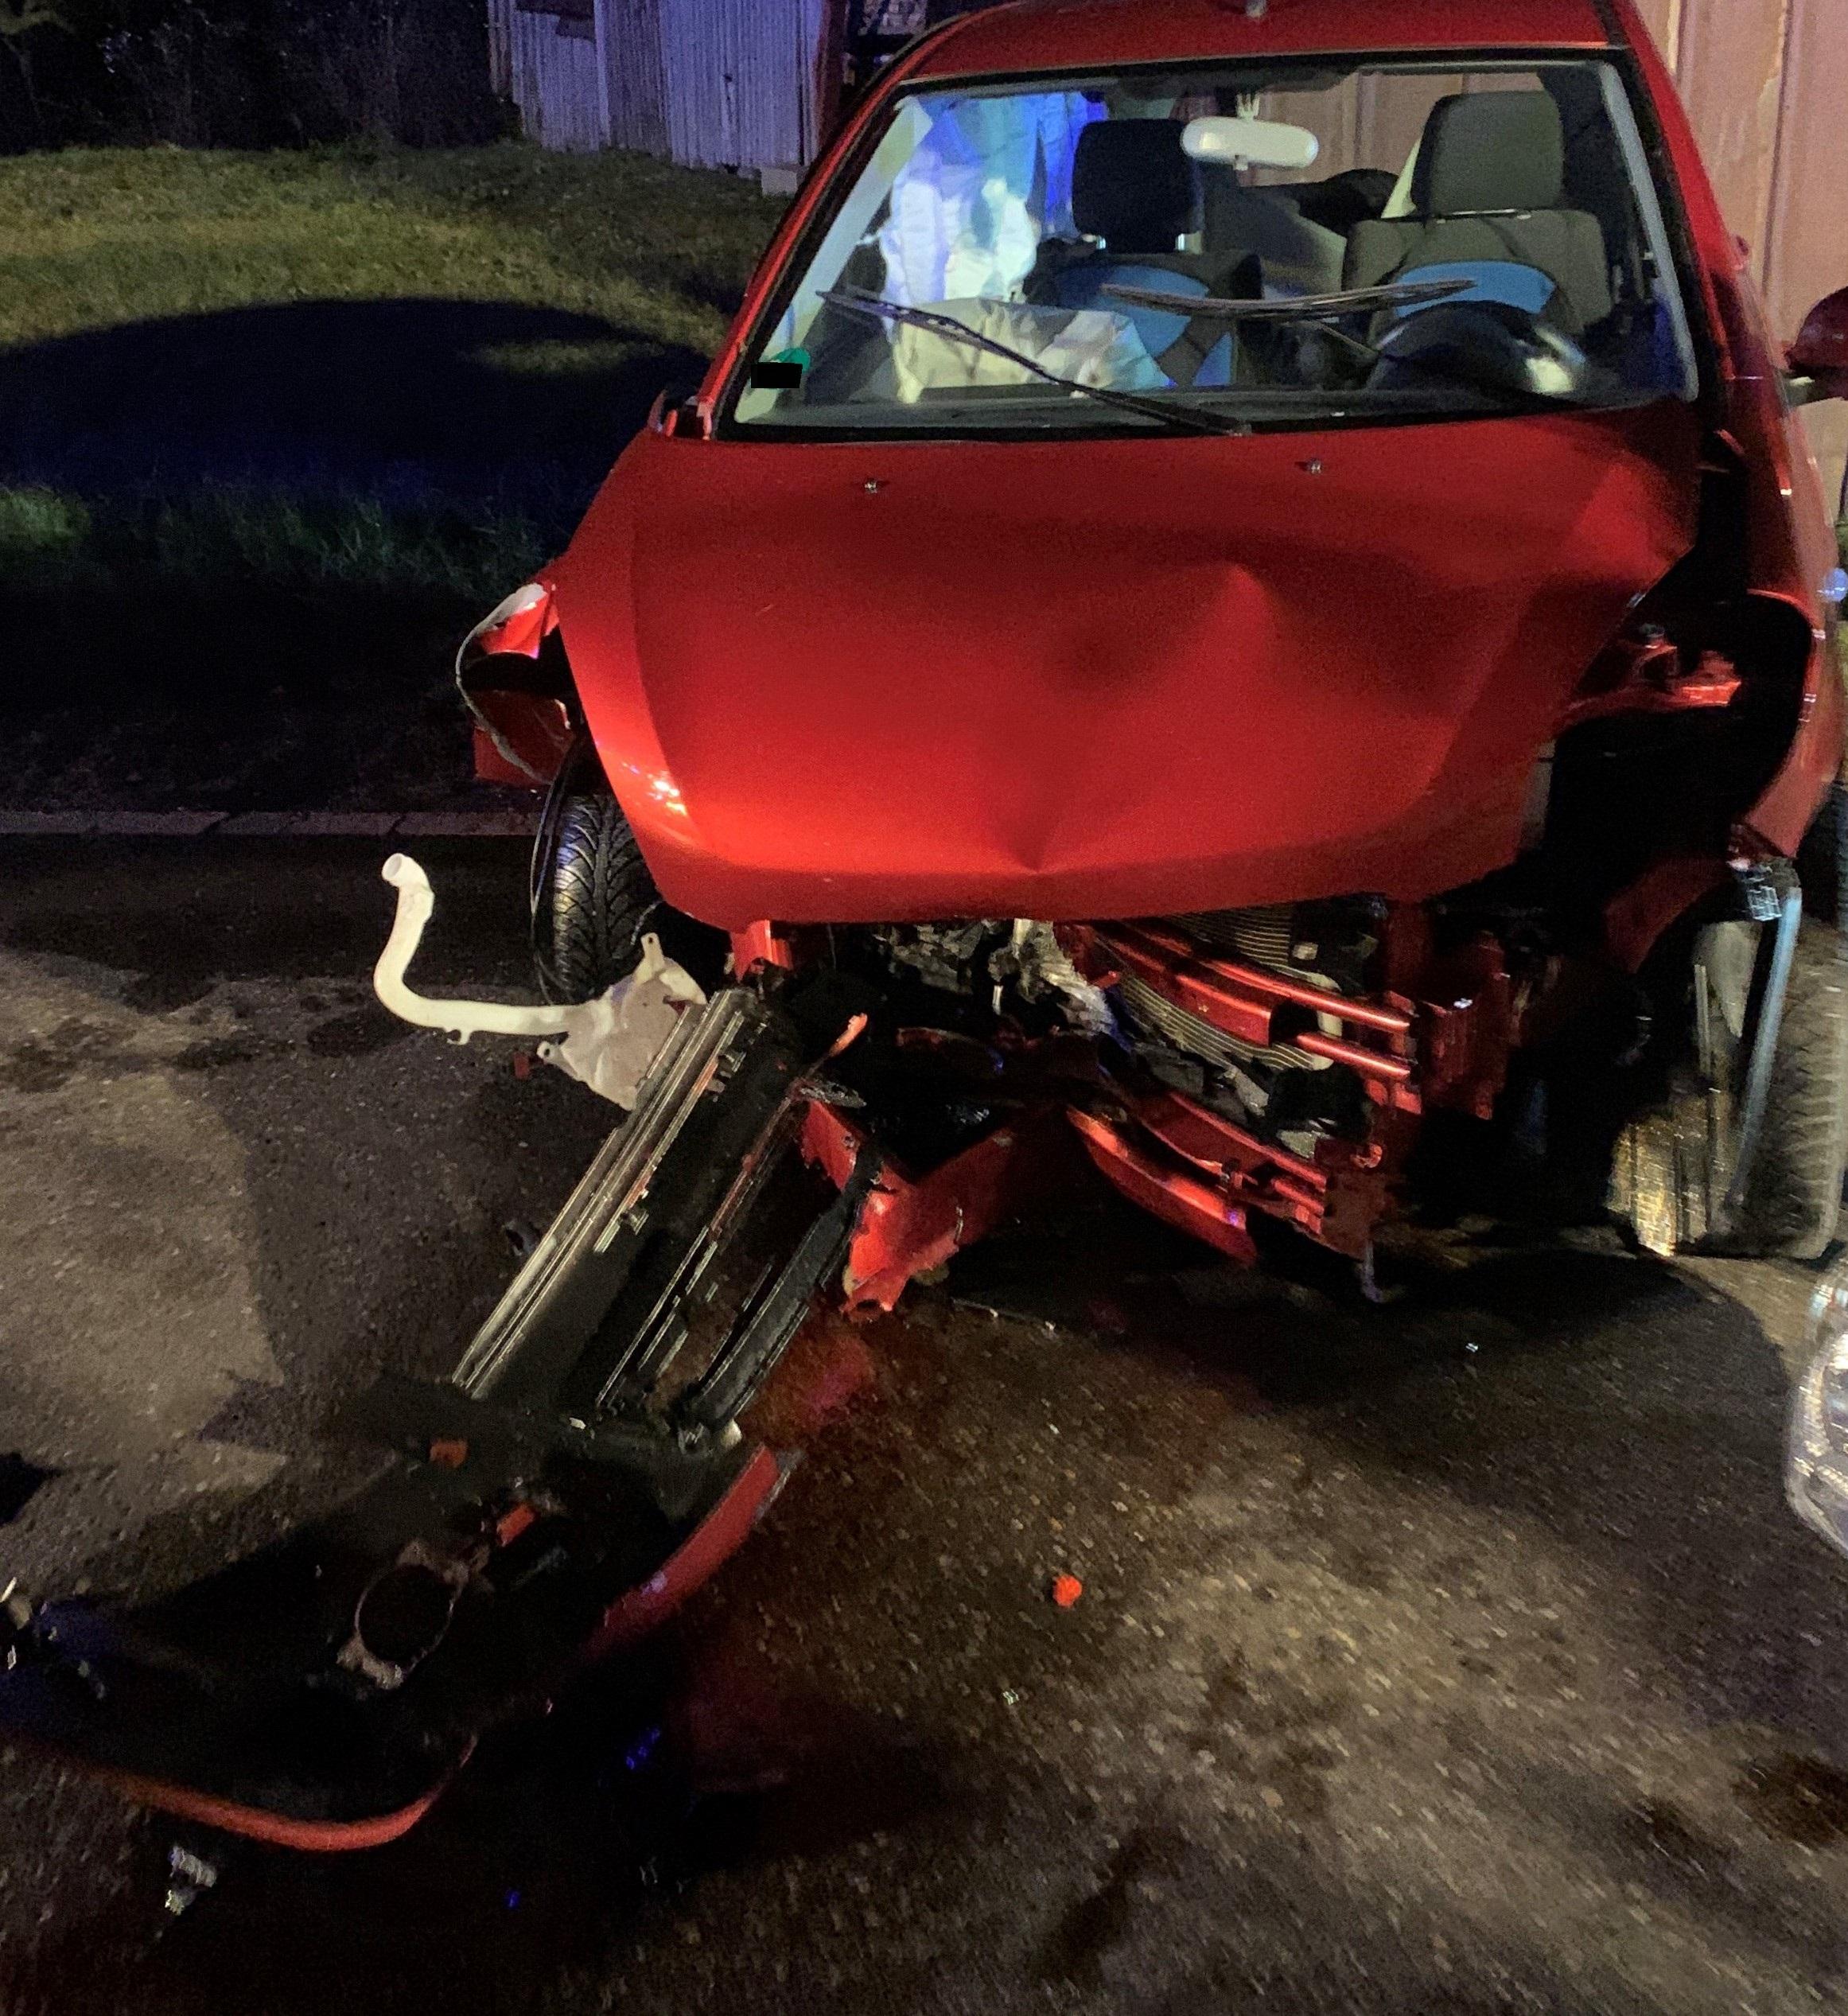 20 / 2019 Technische Hilfeleistung Verkehrsunfall